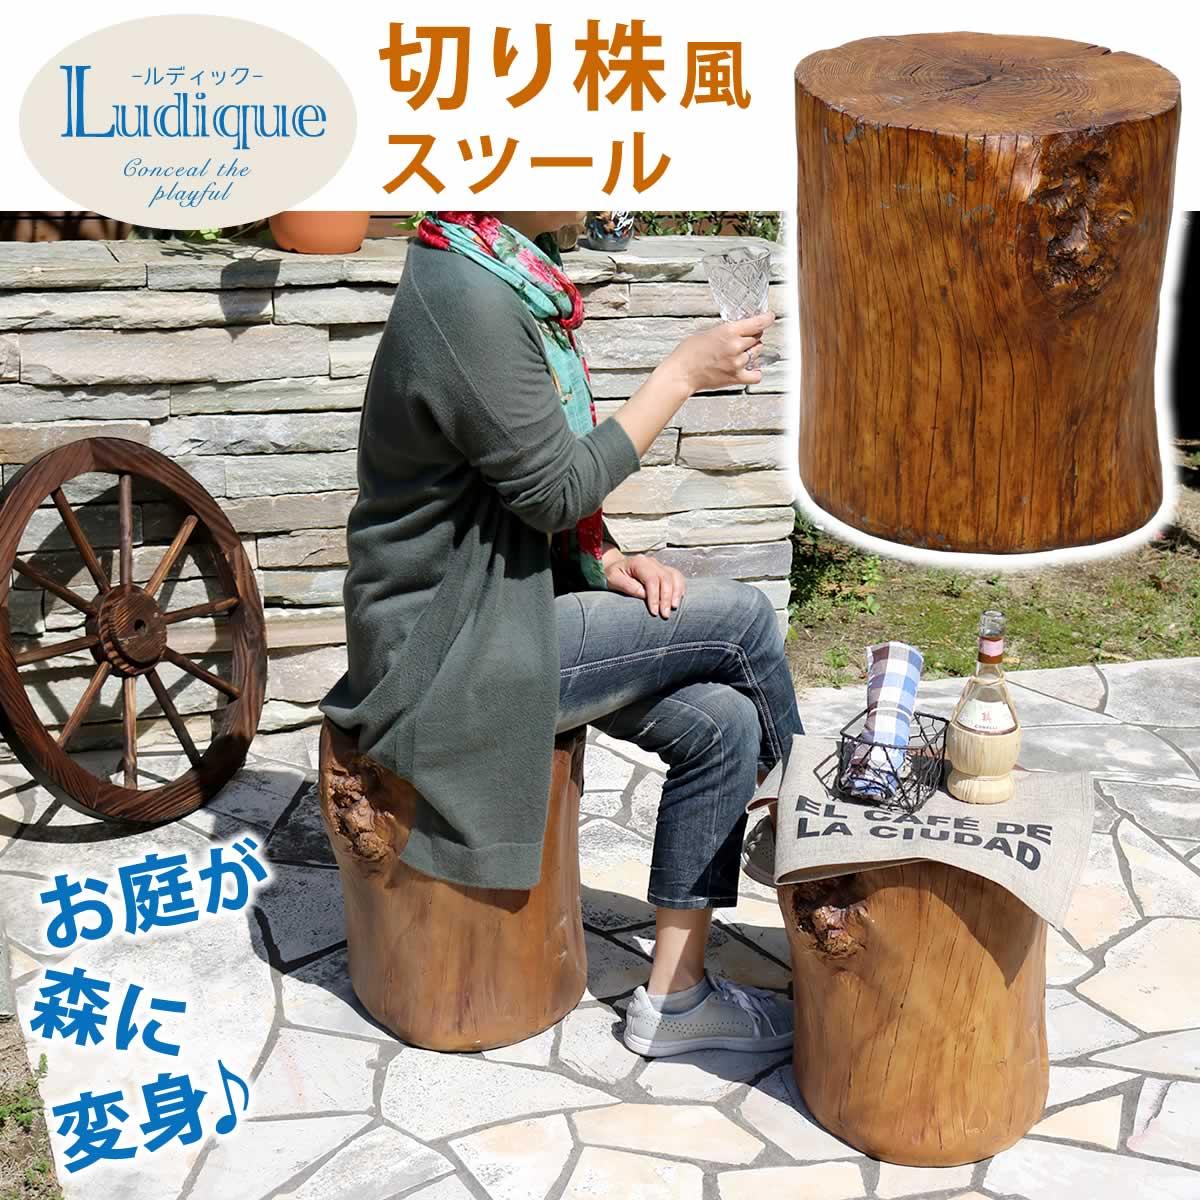 【送料無料】 カワイイ 切り株風♪ 「Ludique」 ルディック スツール LD-ST410